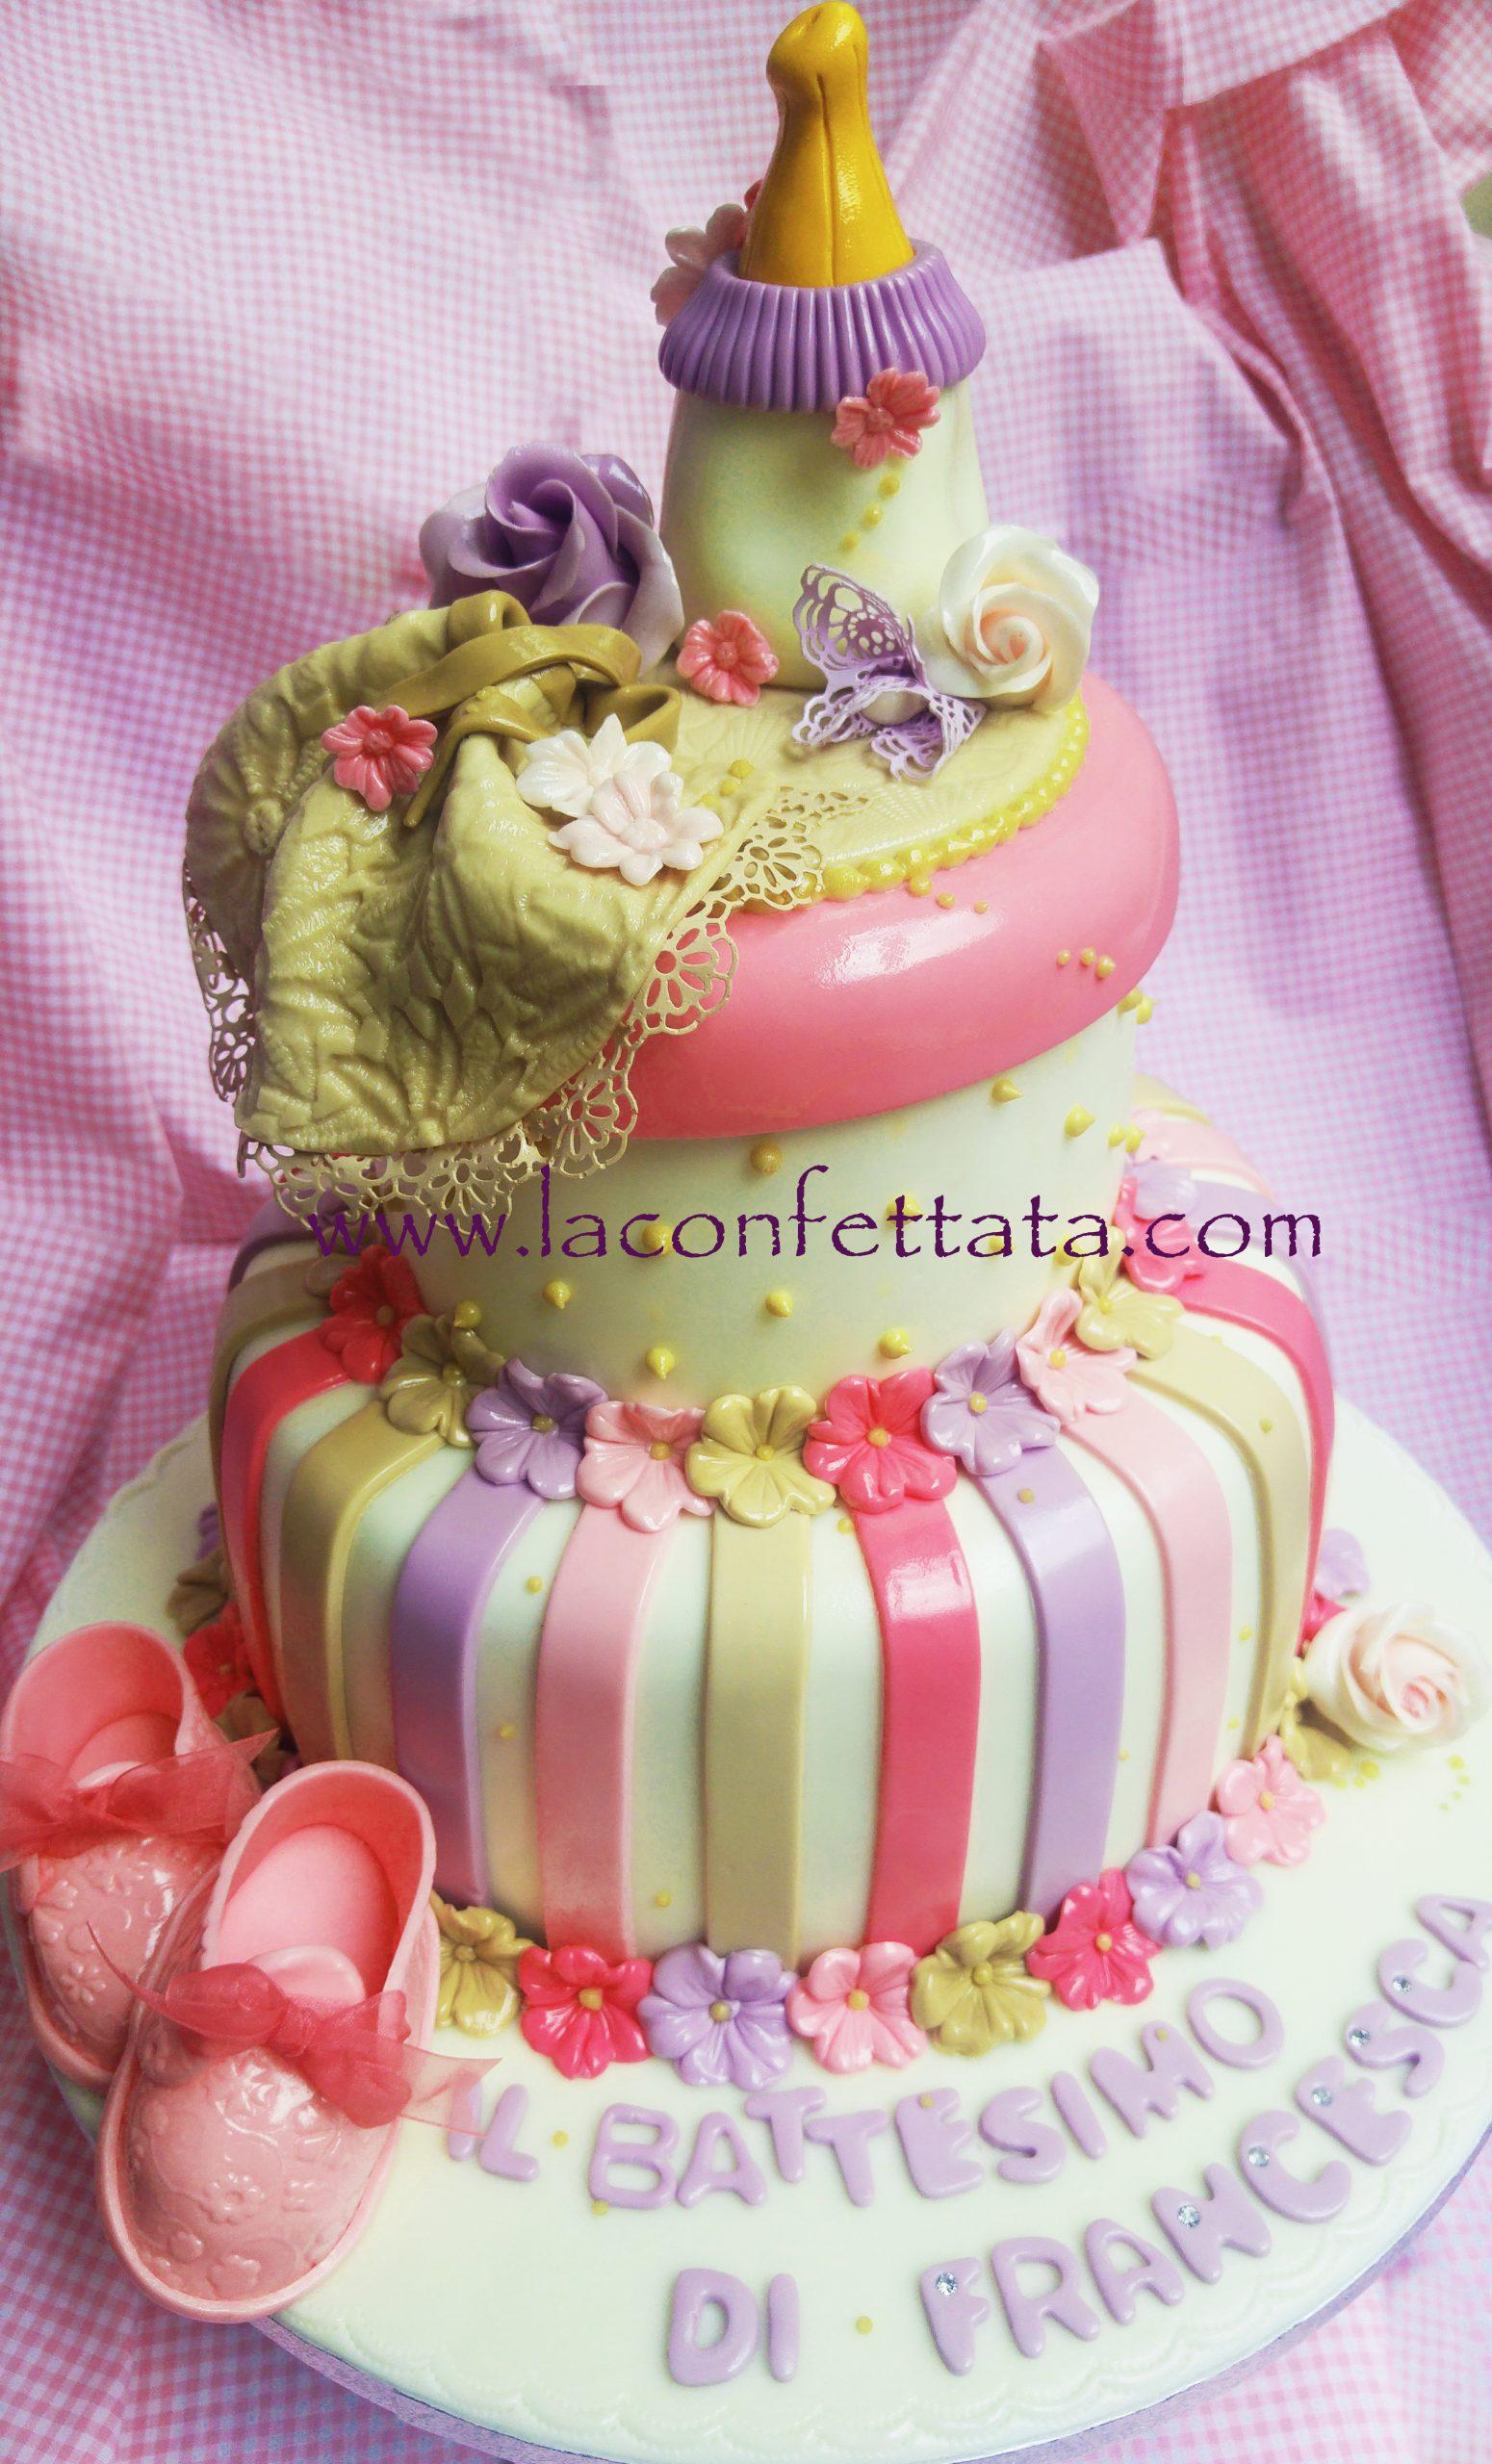 torta battesimo bimba, torta battesimo roma, torta battesimo bambina, battesimo Roma, torta a piani battesimo, torta battesimo elegante, torta battesimo